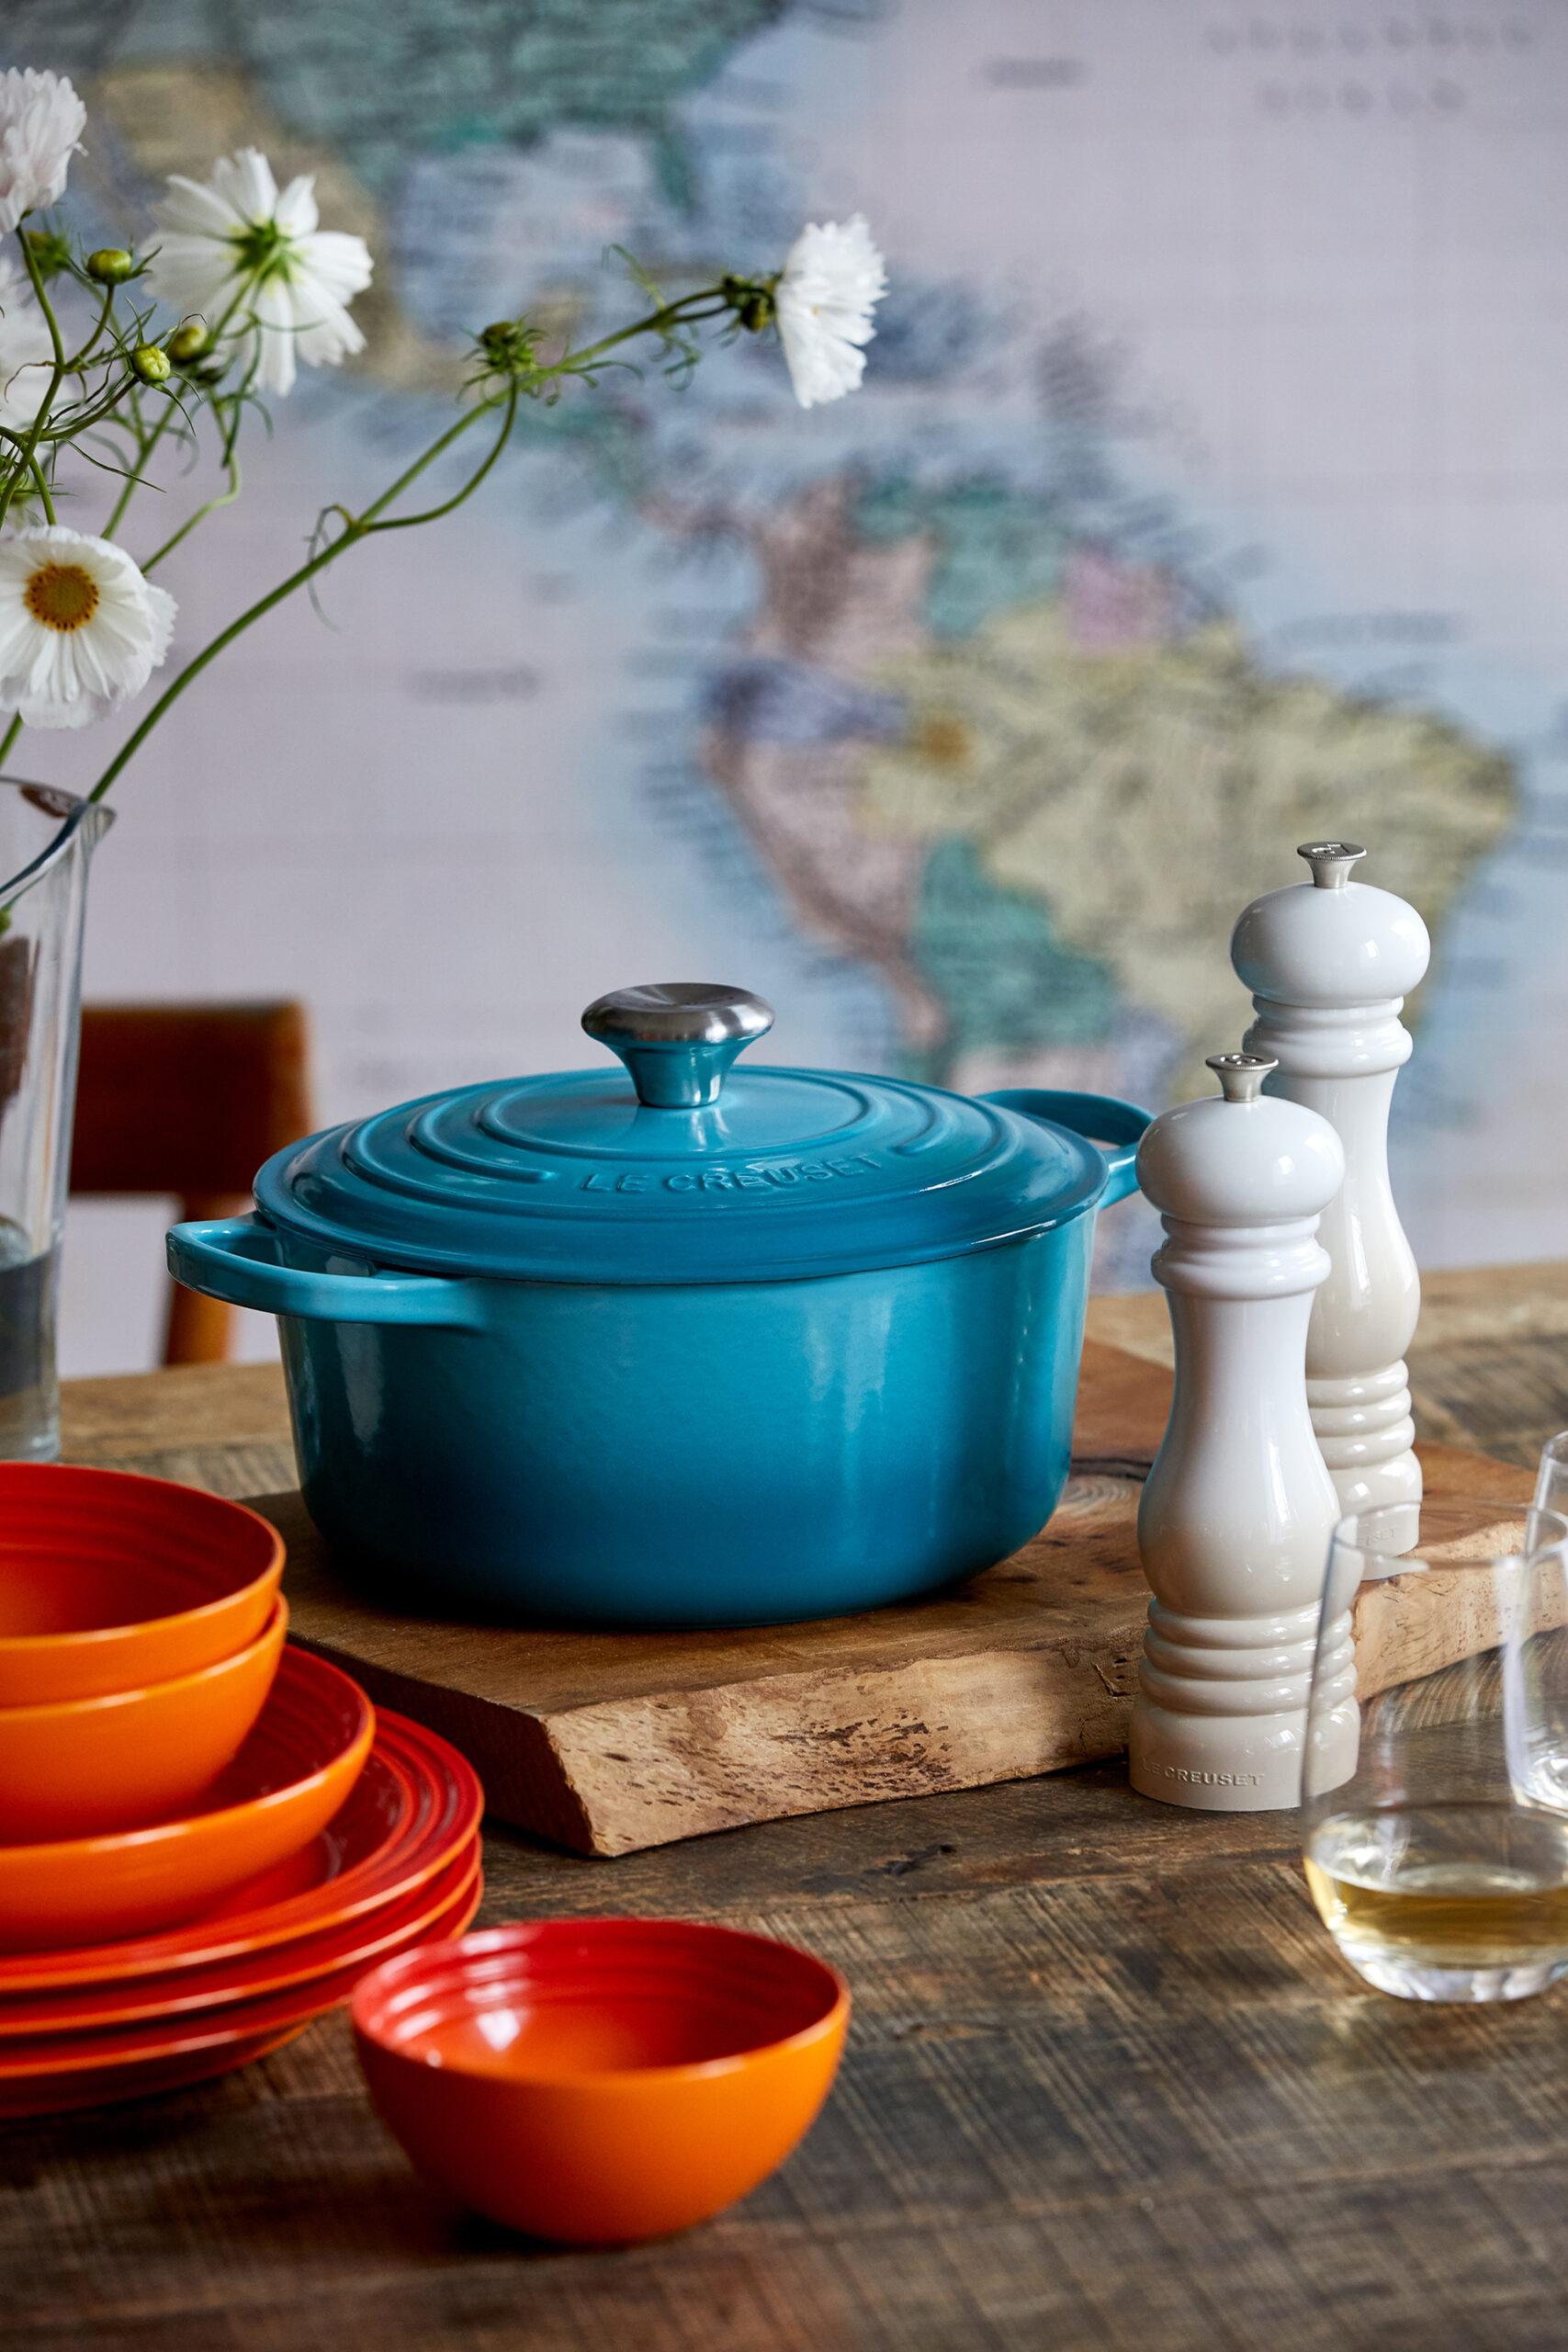 Träume dich beim Kochen mit Le Creuset in ferne Länder